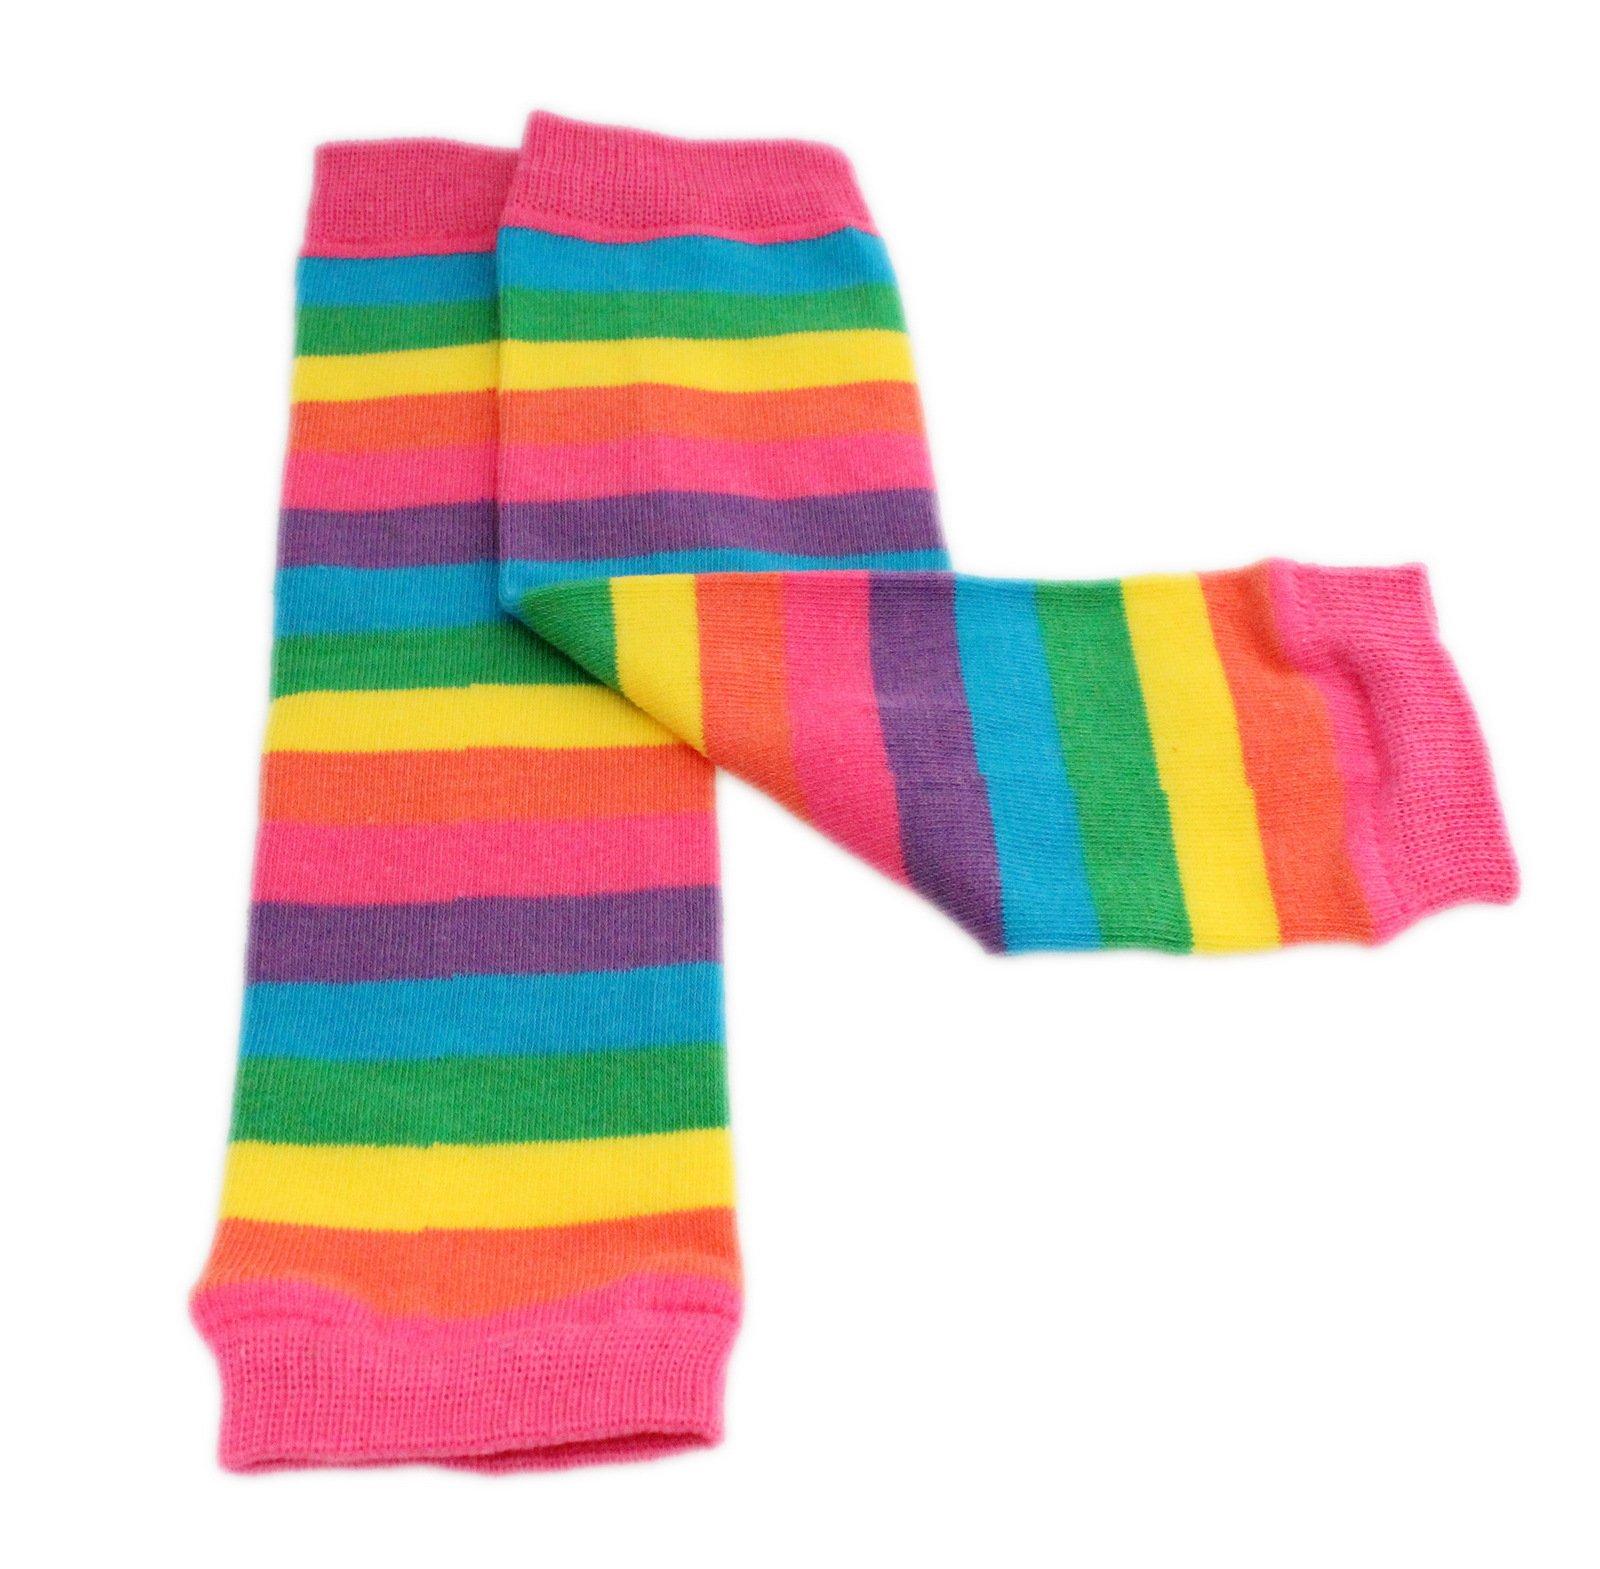 Calentadores de piernas para bebé, diseño de rayas, color rojo y rosa, para niños de 3 meses hasta 8 años 3